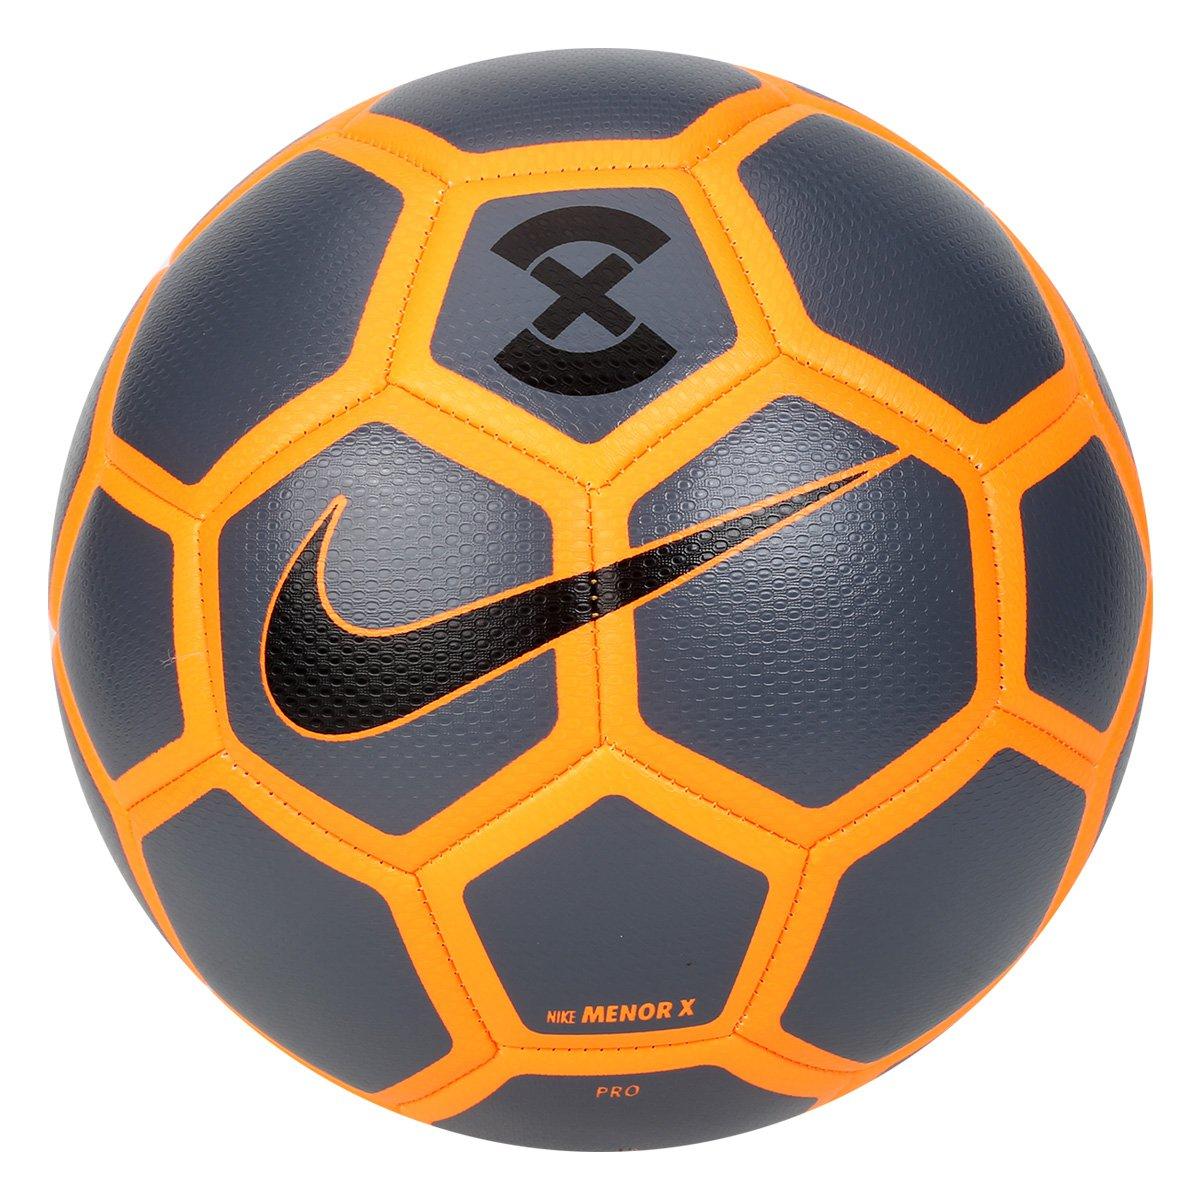 64402f19f Bola Futsal Nike FootballX Menor - Compre Agora